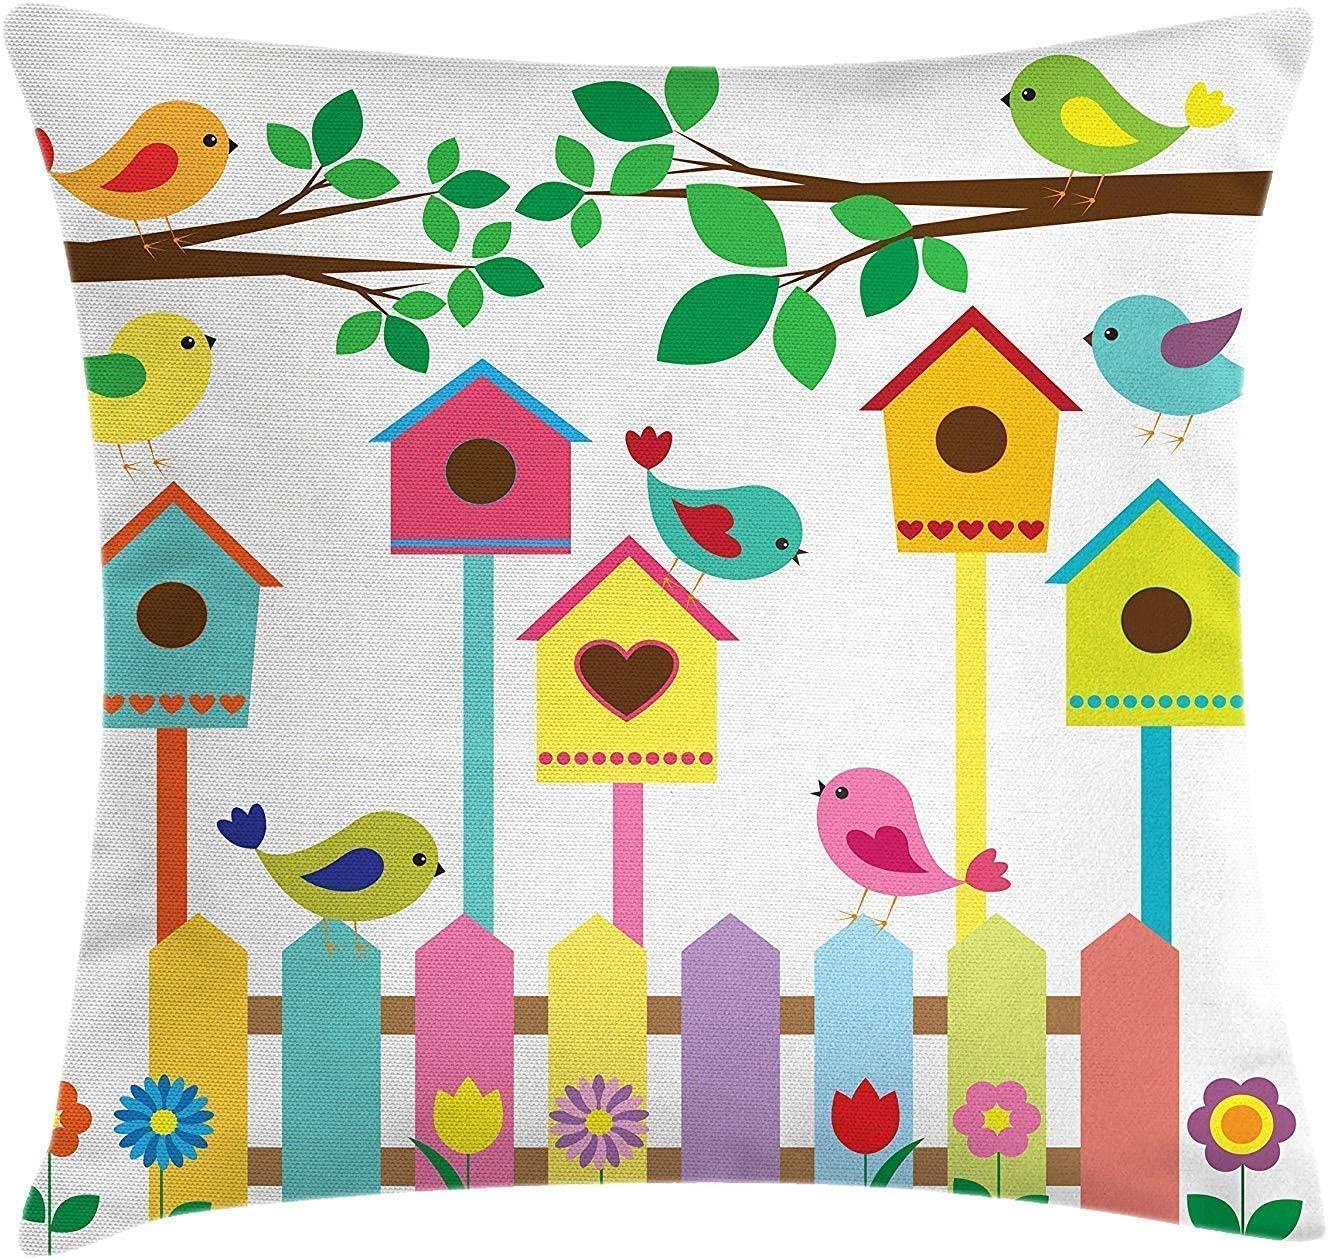 Funda de cojín de cojín de pájaros,colorido diseño de casas de pájaros y vallas para pájaros Boceto de estilo de dibujos animados para niños,funda de cojín de cojín cuadrado decorativo 45X45CM multico